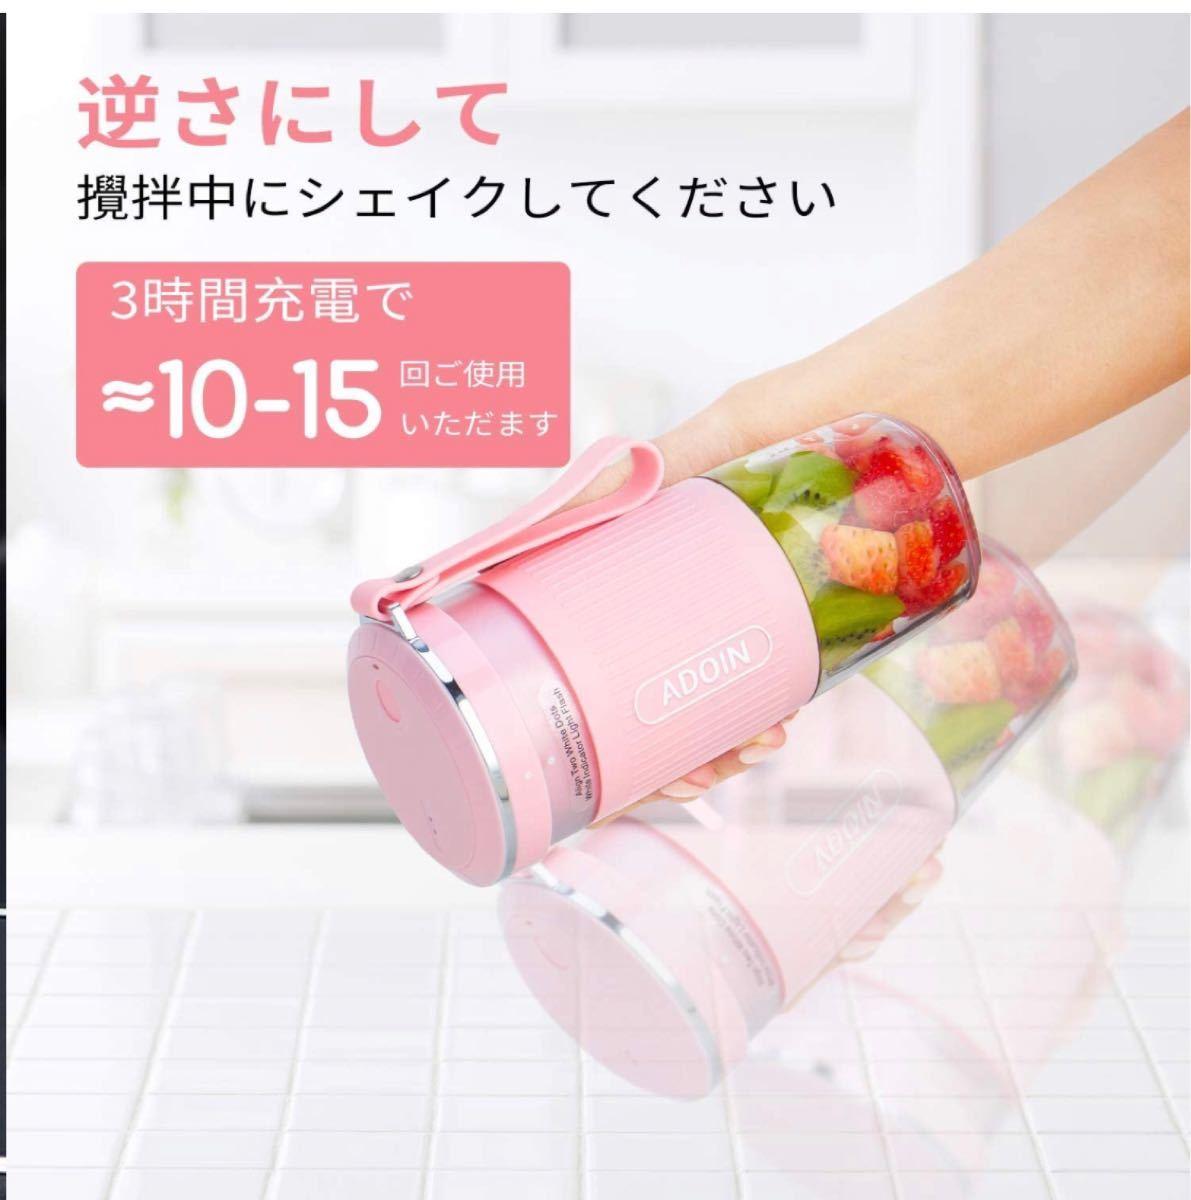 ジューサー ミキサー 小型 コンパクト 人気 USB充電式 洗いやすい 強力 安全保護